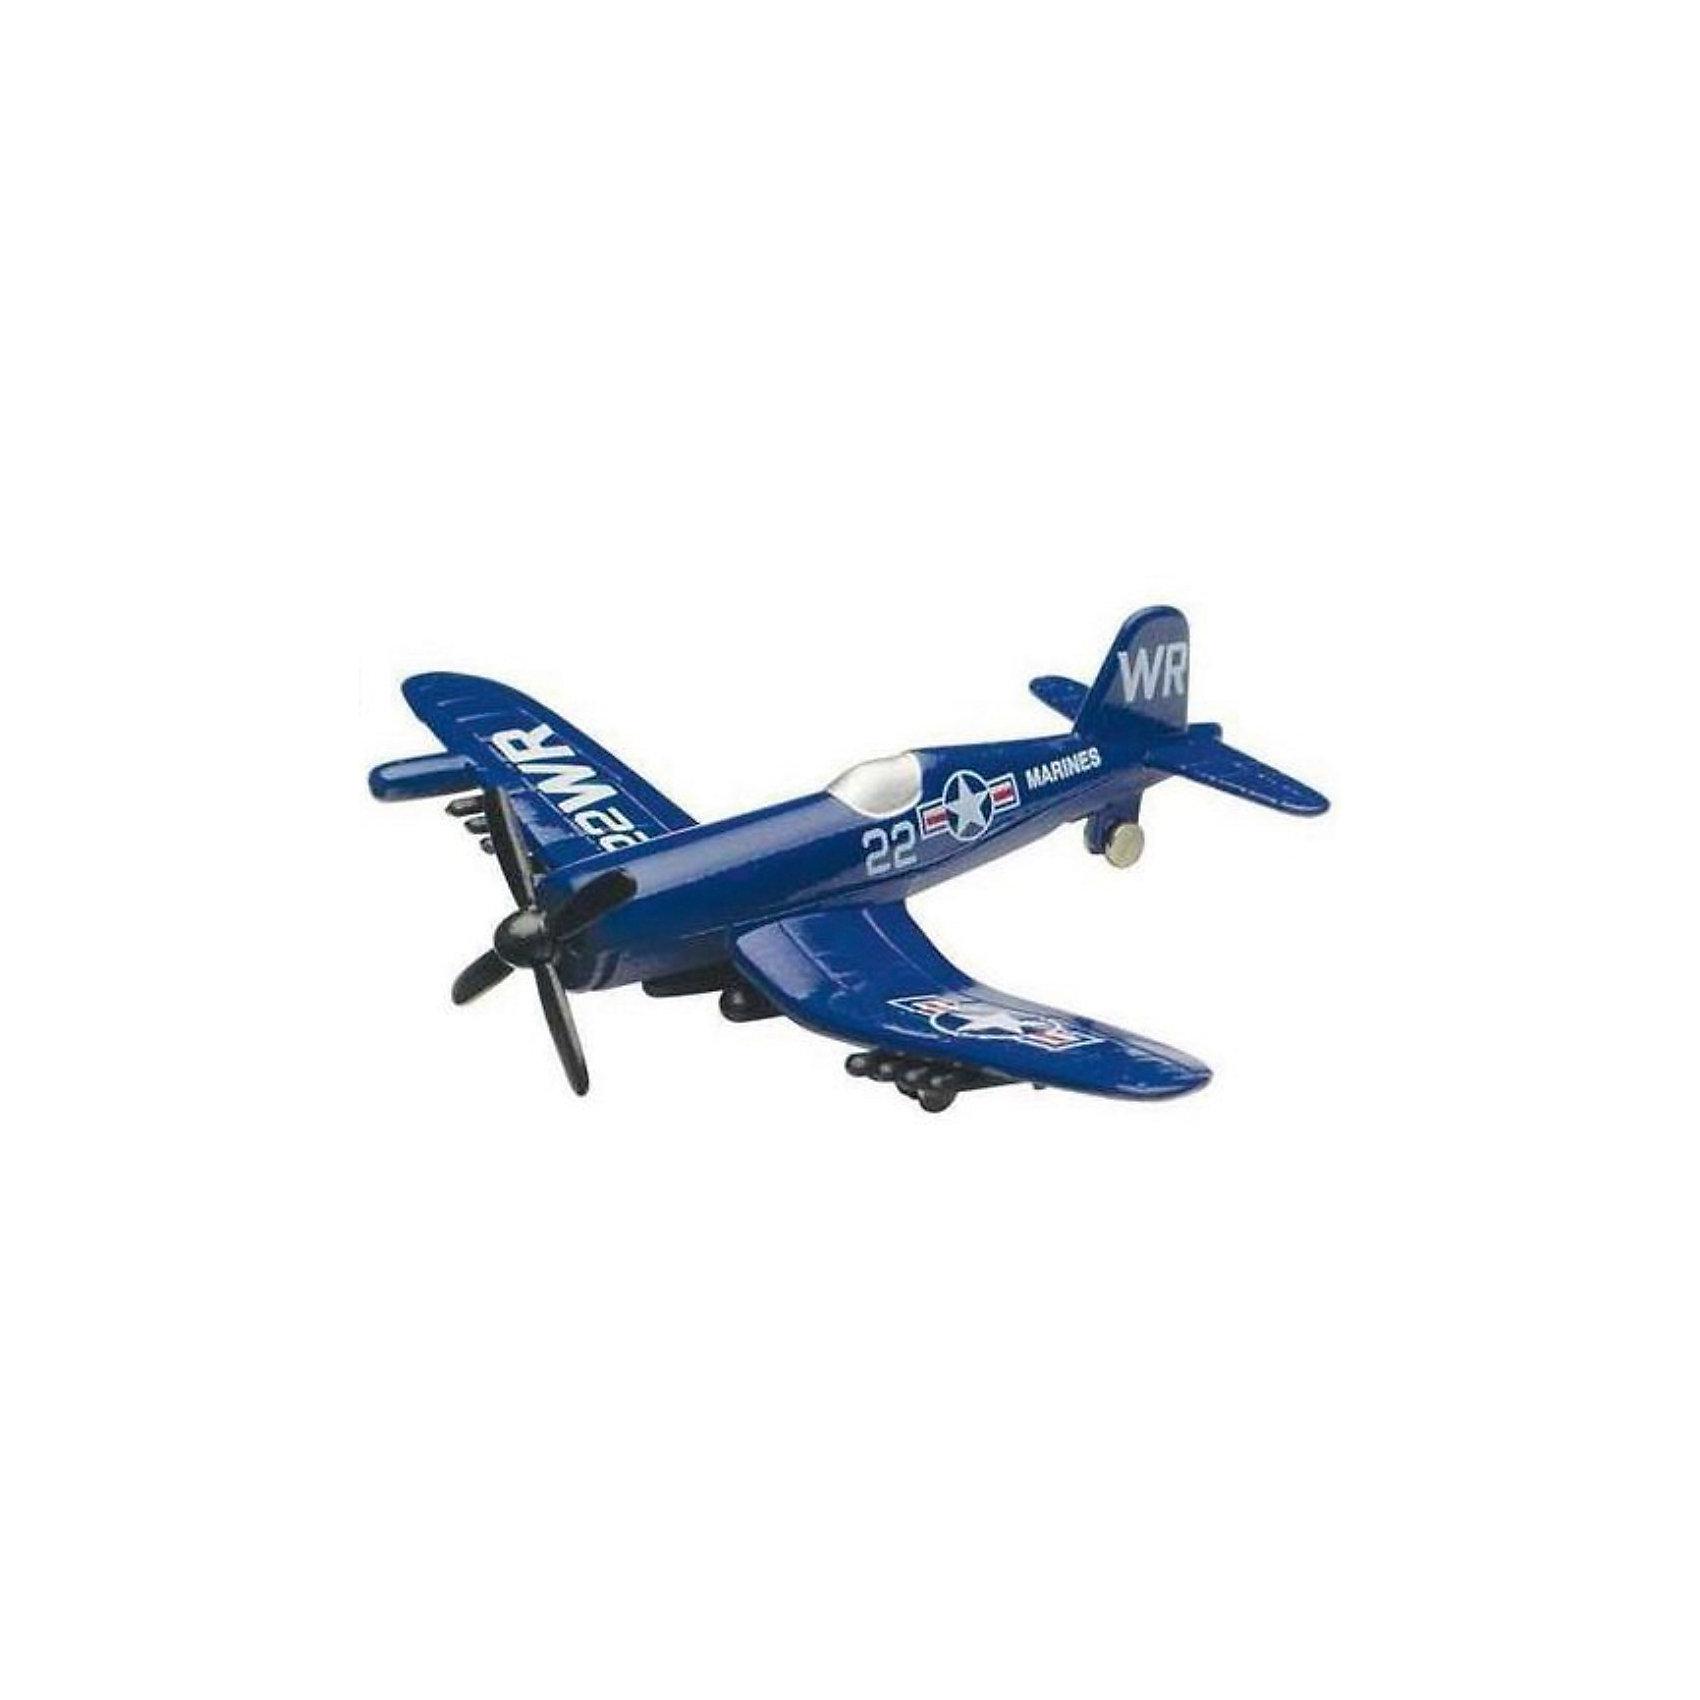 Самолет F4U-1D Corsair,  MotormaxВоенный транспорт<br>Самолет F4U-1D Corsair,  Motormax (Мотормакс) – это отличное пополнение коллекции авиационной техники.<br>Коллекционная игрушка самолет  F4U-1D Corsair (F4U Корсар) от компании Motormax (Мотормакс) в точности повторяет контуры американского однопалубного истребителя времен Второй мировой, чем вызовет неподдельный интерес, как у ребенка, так и взрослого коллекционера. Модель максимально приближена к своему прототипу. По сути это уменьшенная копия настоящего самолета, сохранившая его пропорции и узнаваемые элементы. Стоит также отметить хорошую для таких размеров детализацию. Модель самолета изготовлена из прочного и качественного пластика, поэтому может использоваться и для обычной игры.<br><br>Дополнительная информация:<br><br>- Длина самолета: 9 см.<br>- Материал: пластик<br><br>Самолет F4U-1D Corsair,  Motormax (Мотормакс) можно купить в нашем интернет-магазине.<br><br>Ширина мм: 127<br>Глубина мм: 30<br>Высота мм: 178<br>Вес г: 80<br>Возраст от месяцев: 36<br>Возраст до месяцев: 168<br>Пол: Мужской<br>Возраст: Детский<br>SKU: 3839005